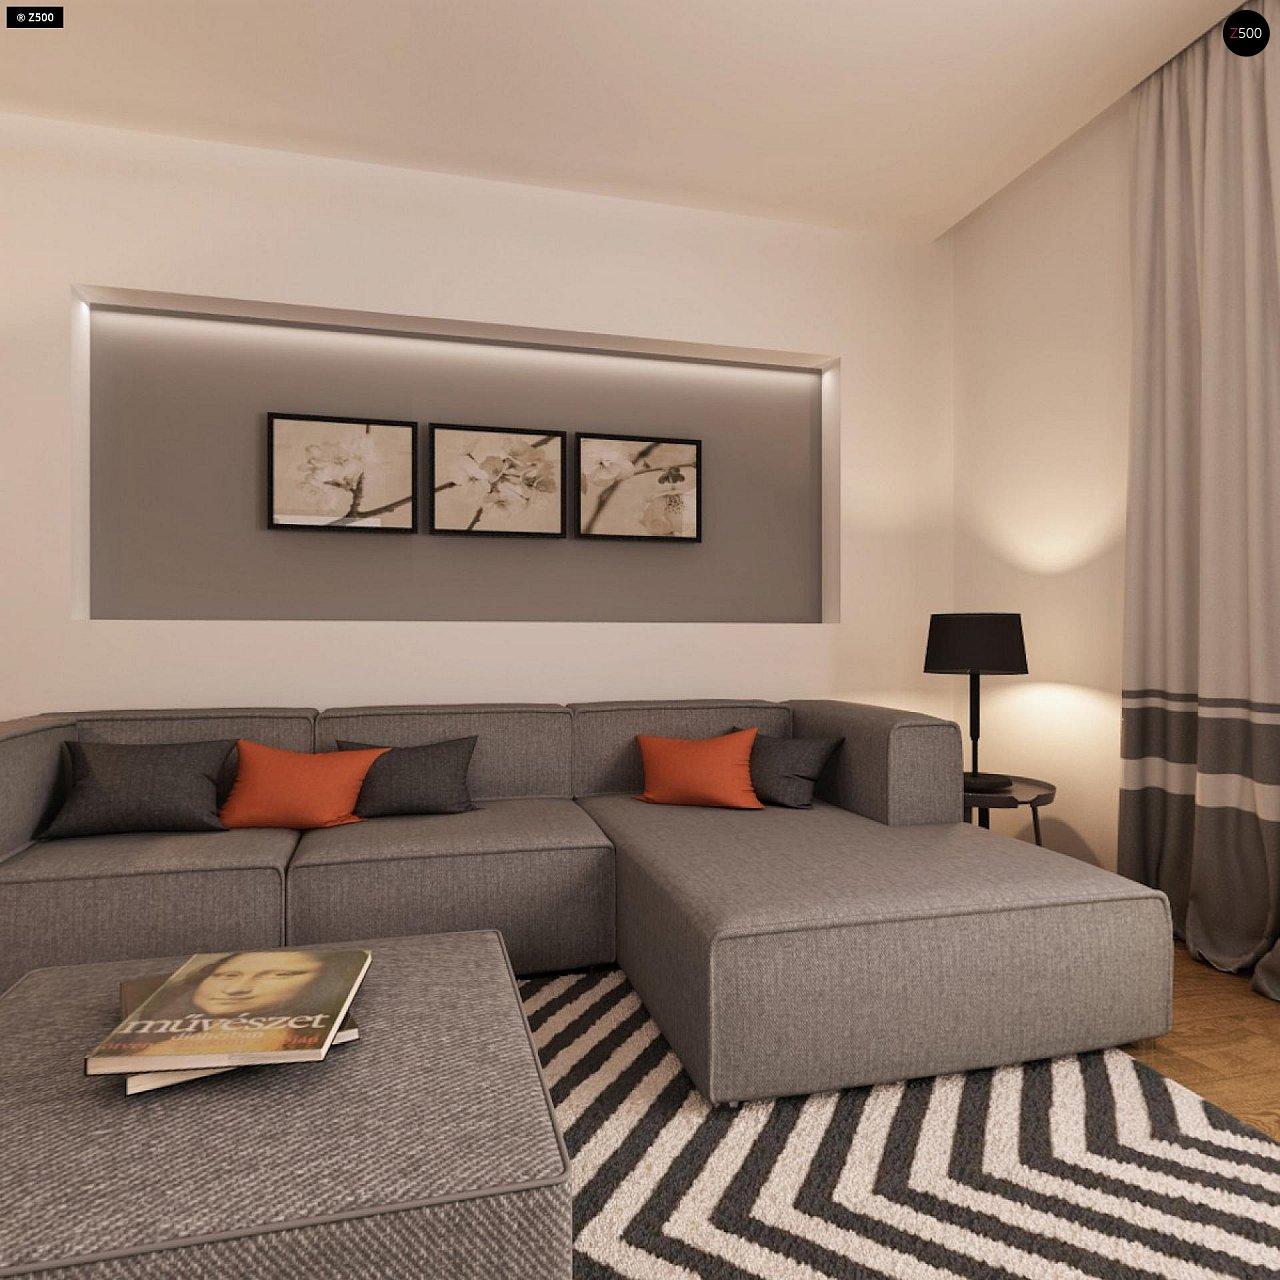 Функциональный одноэтажный дом с современными элементами отделки фасадов. - фото 8